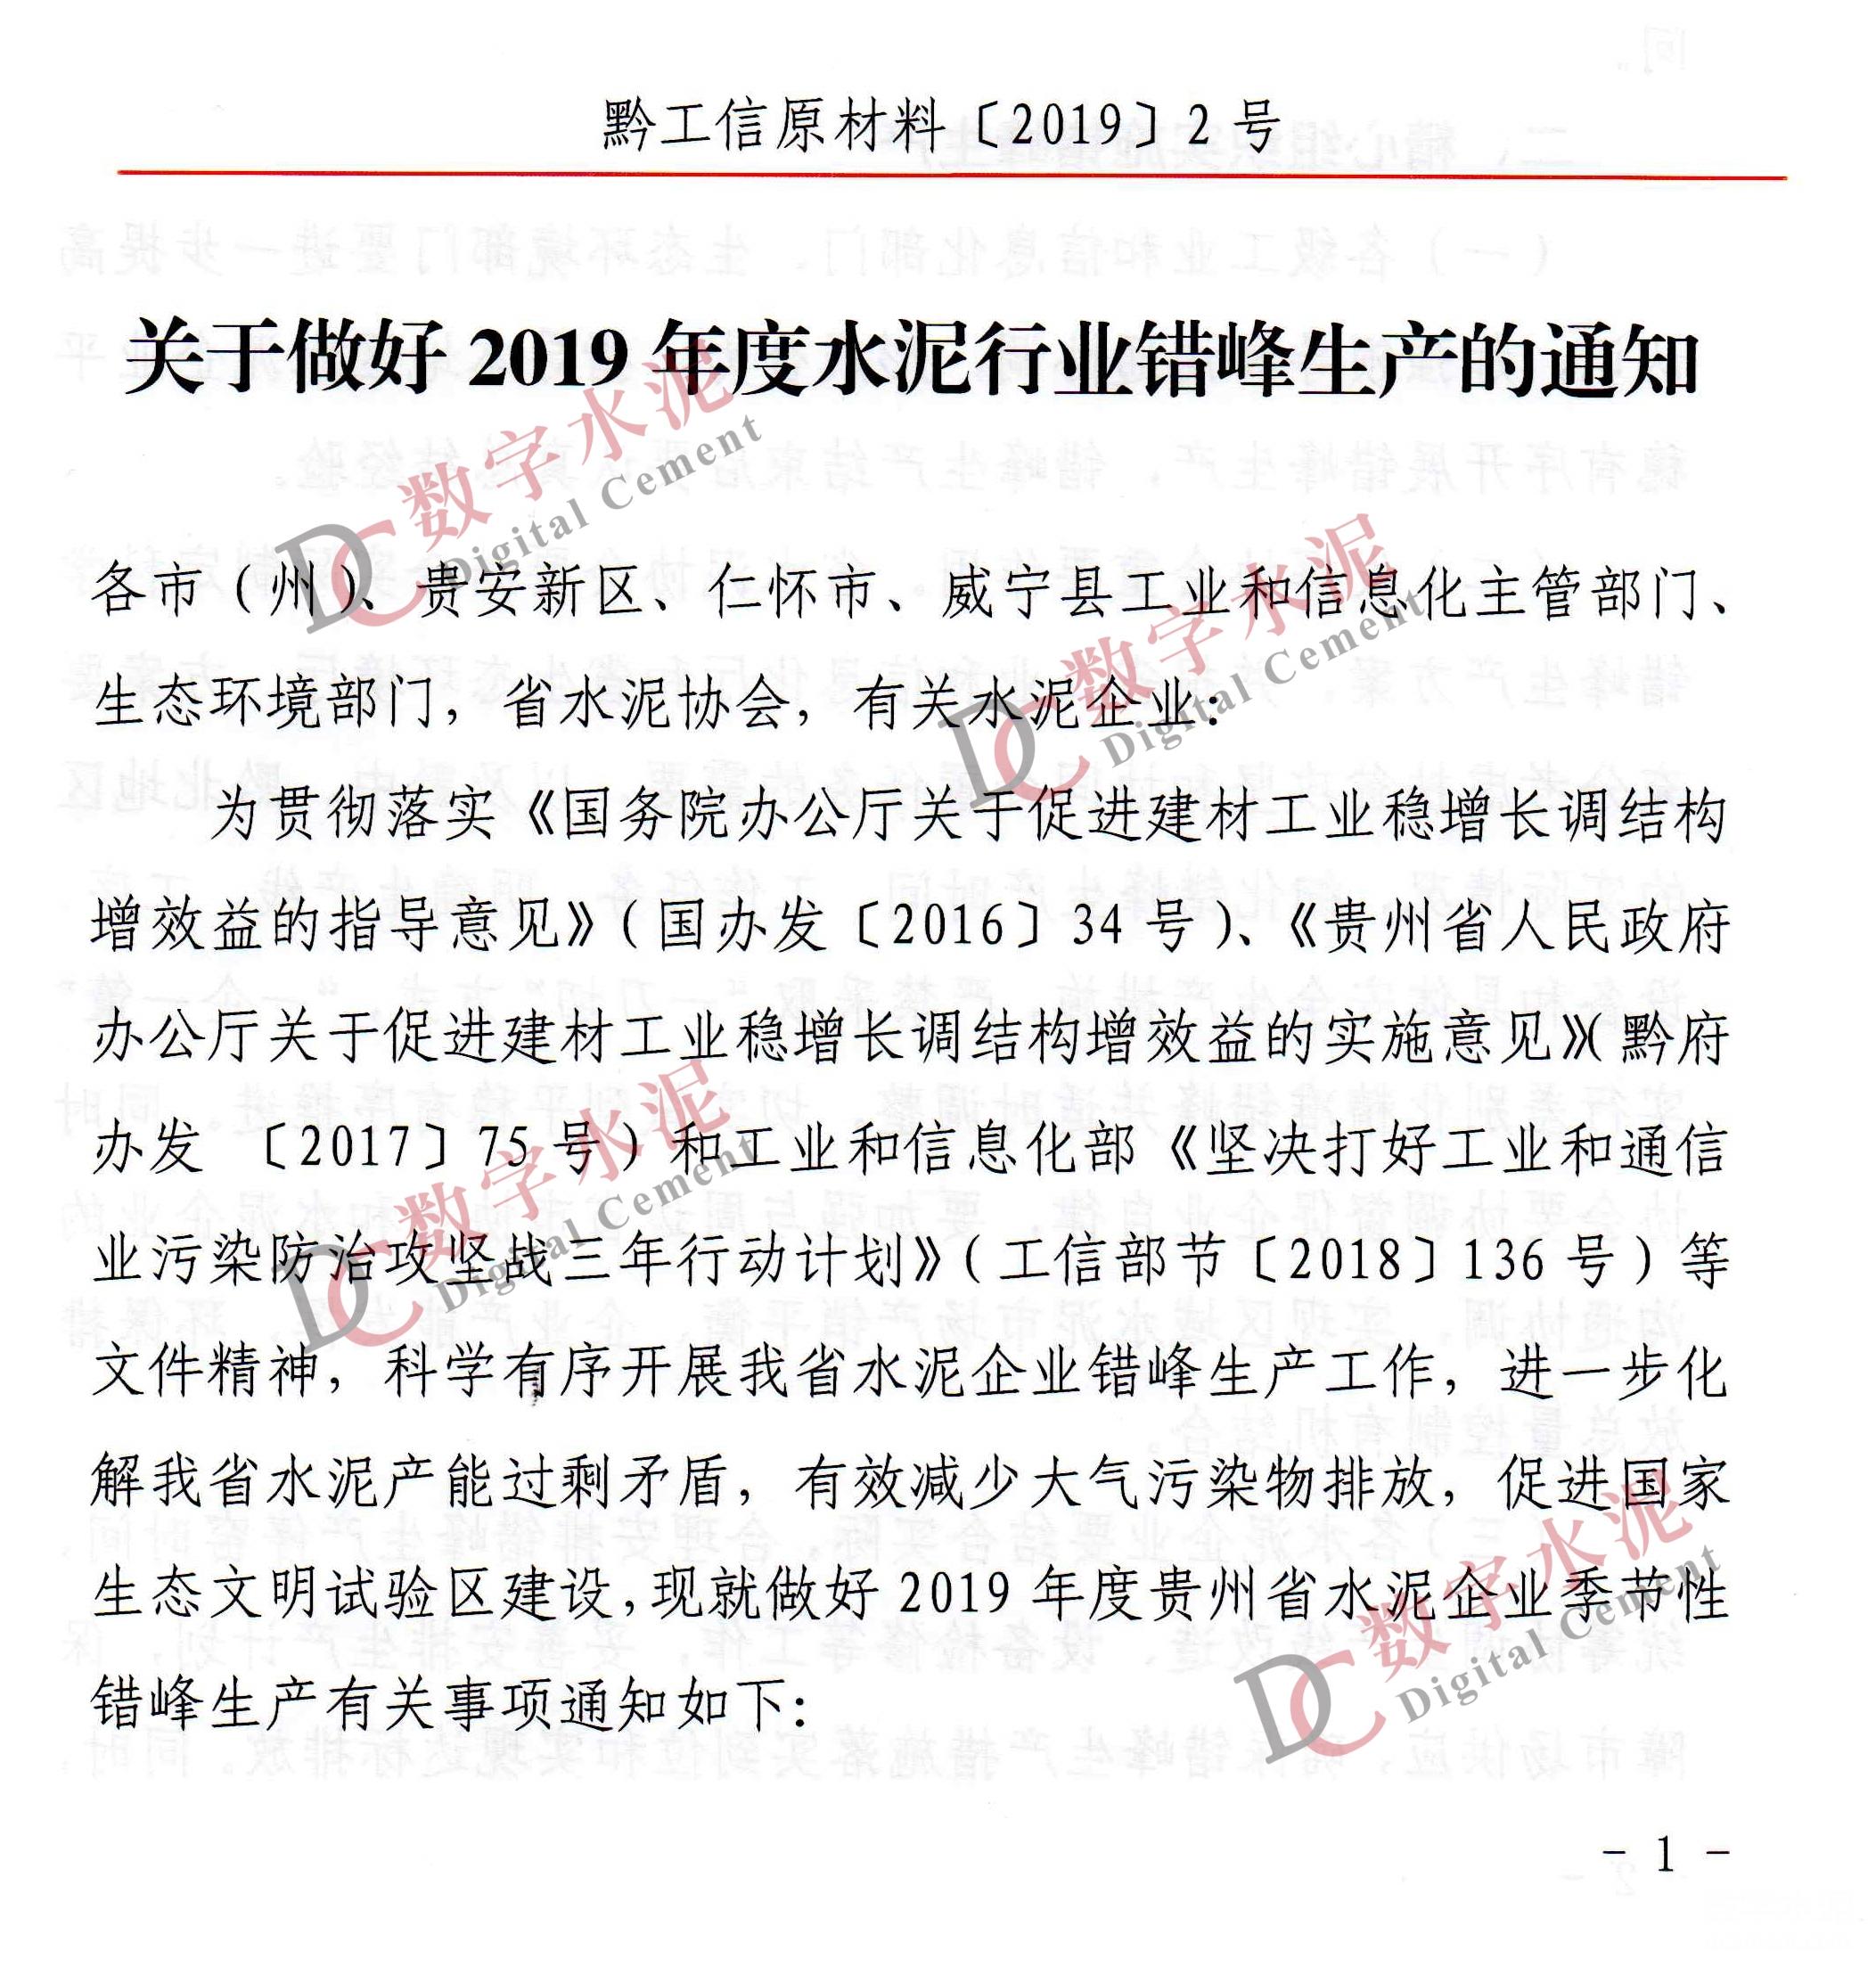 差别化错峰,2019年贵州省水泥停窑60~120天